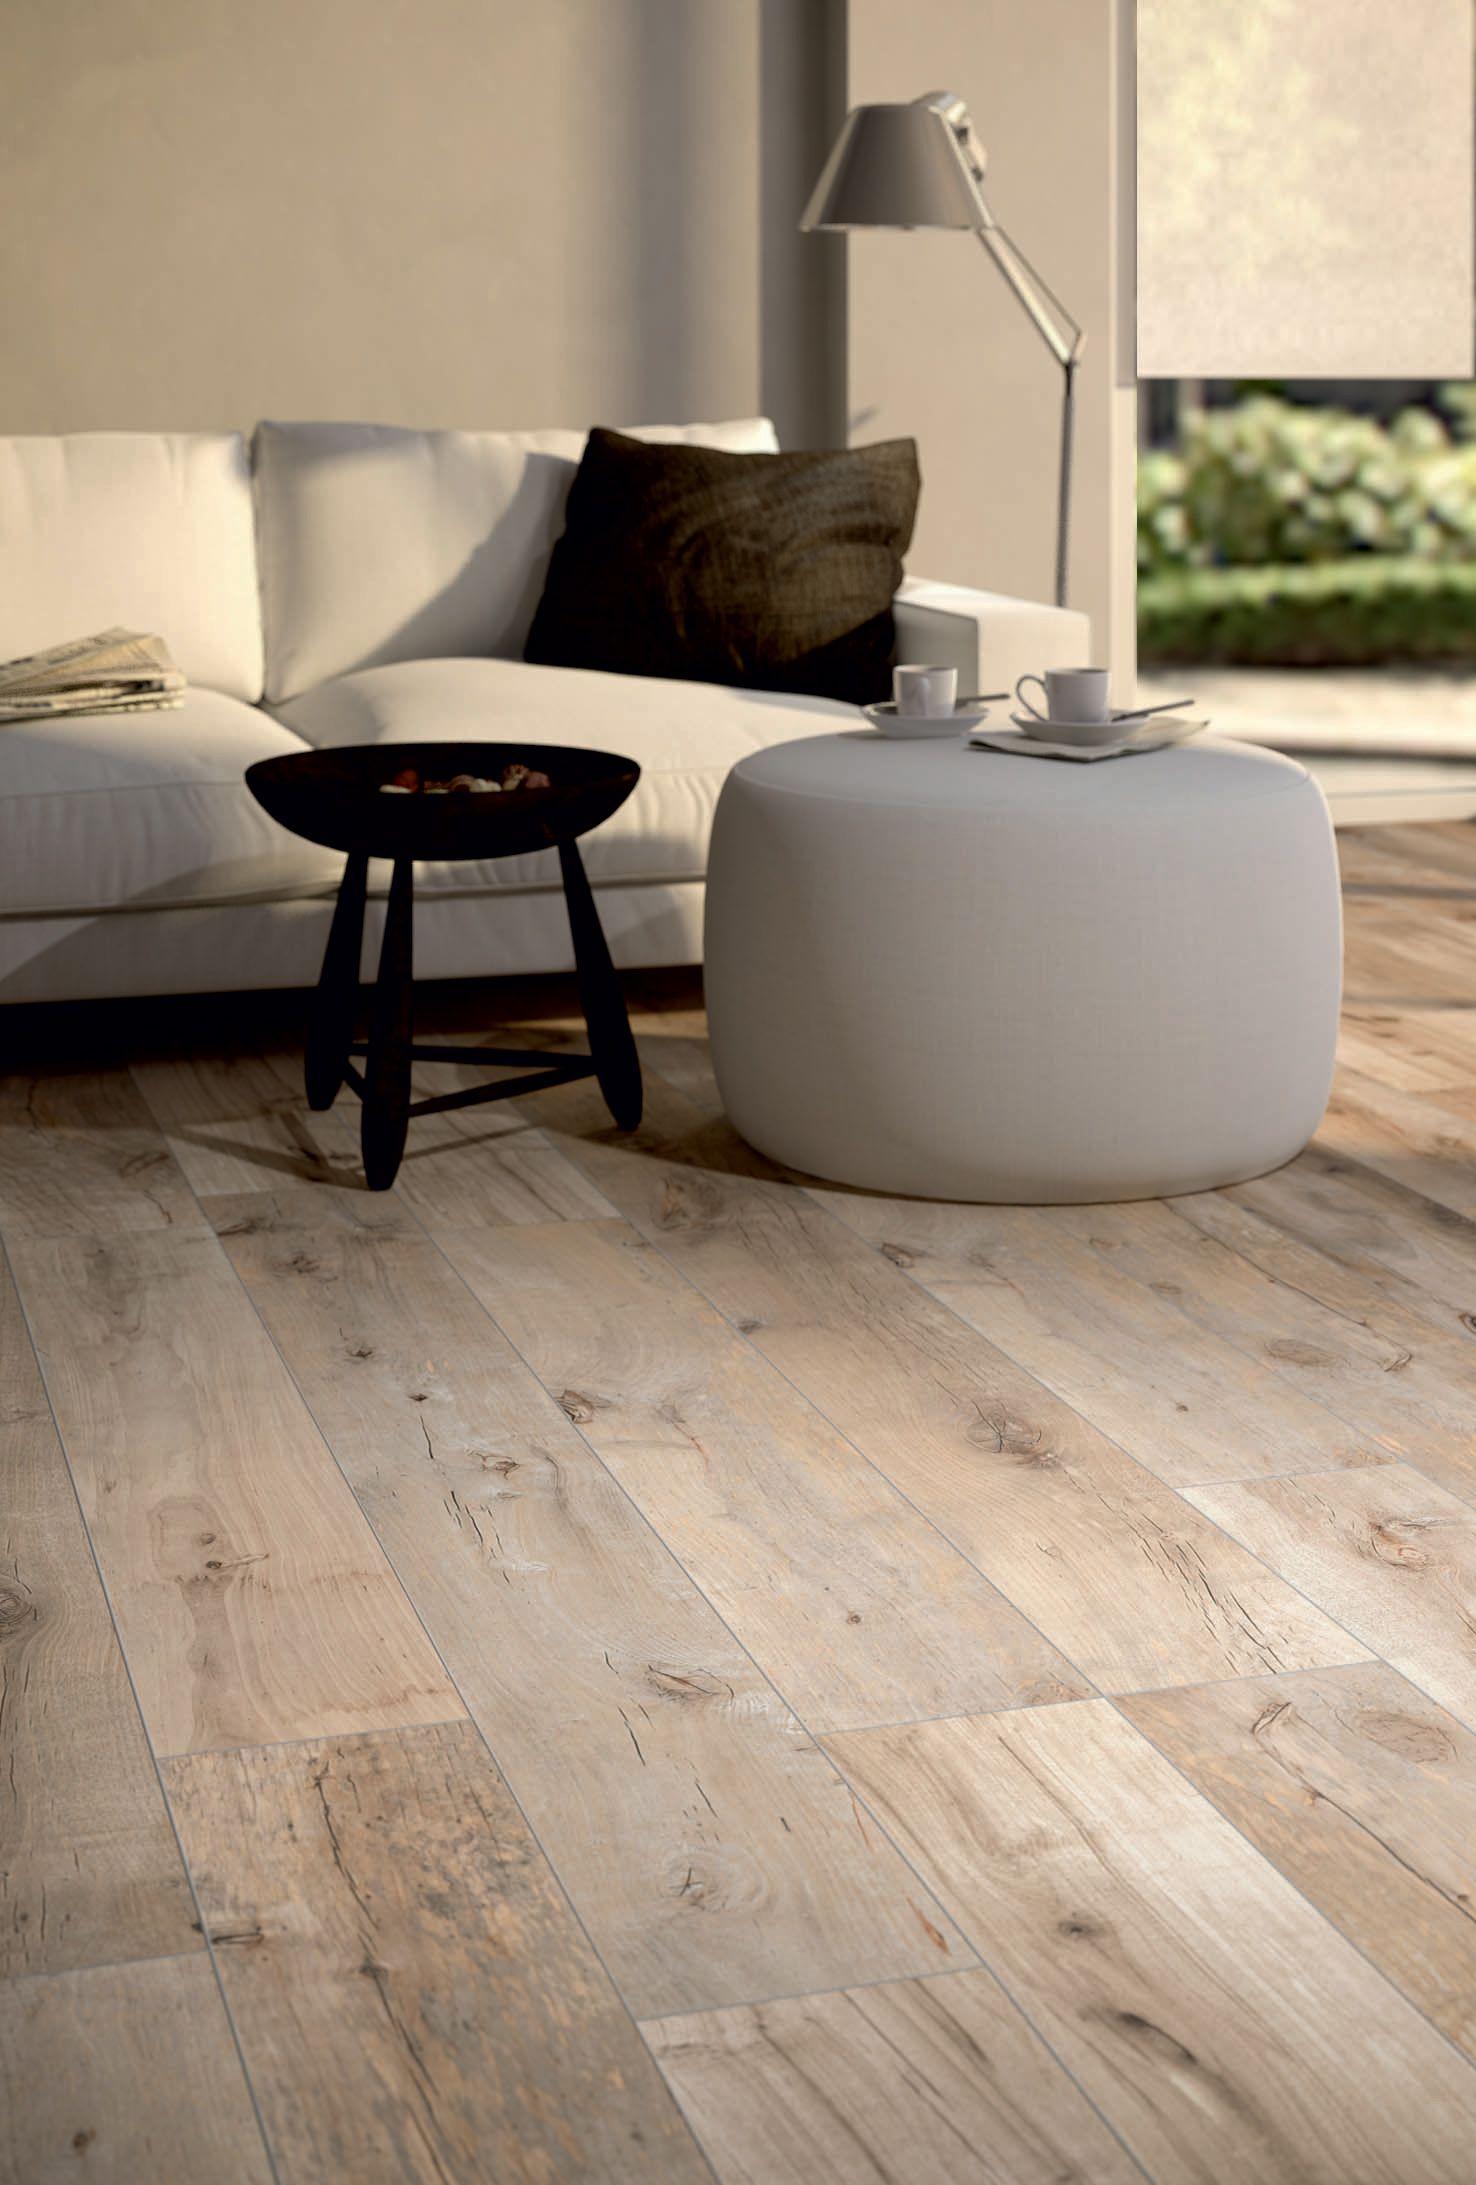 plavuizen houtlook - Google zoeken | Floors | Pinterest | Interiors ...